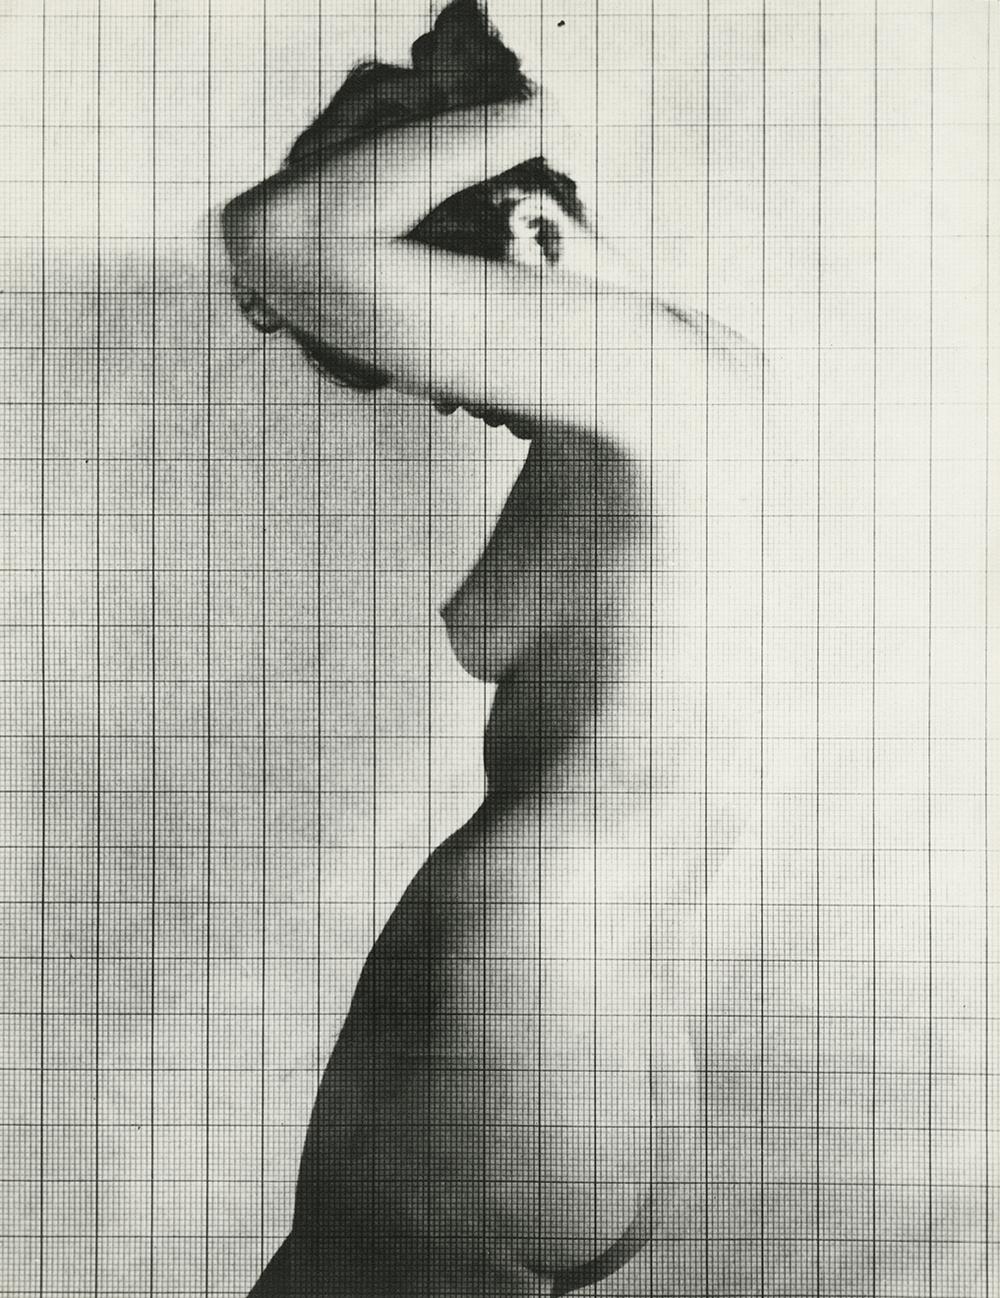 Erwin-Blumenfeld_Nude-Under-Grid,-New-York,-1950.jpeg